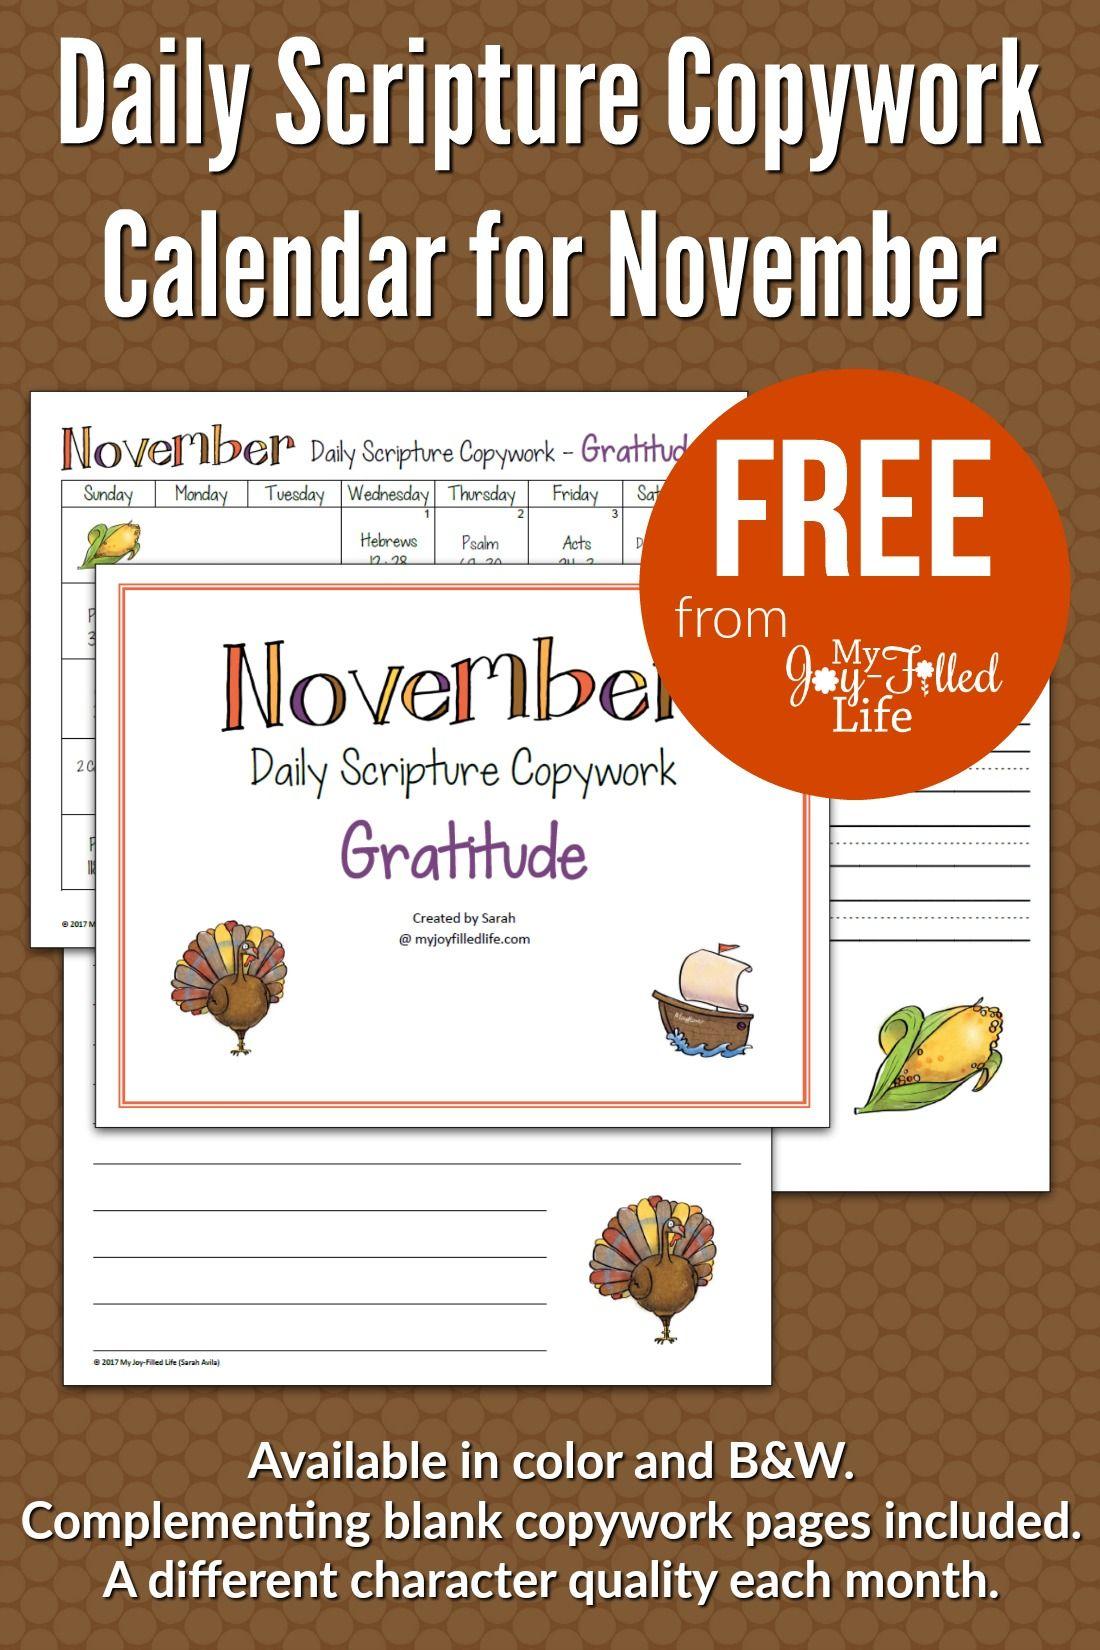 Daily Scripture Copywork Calendar For November